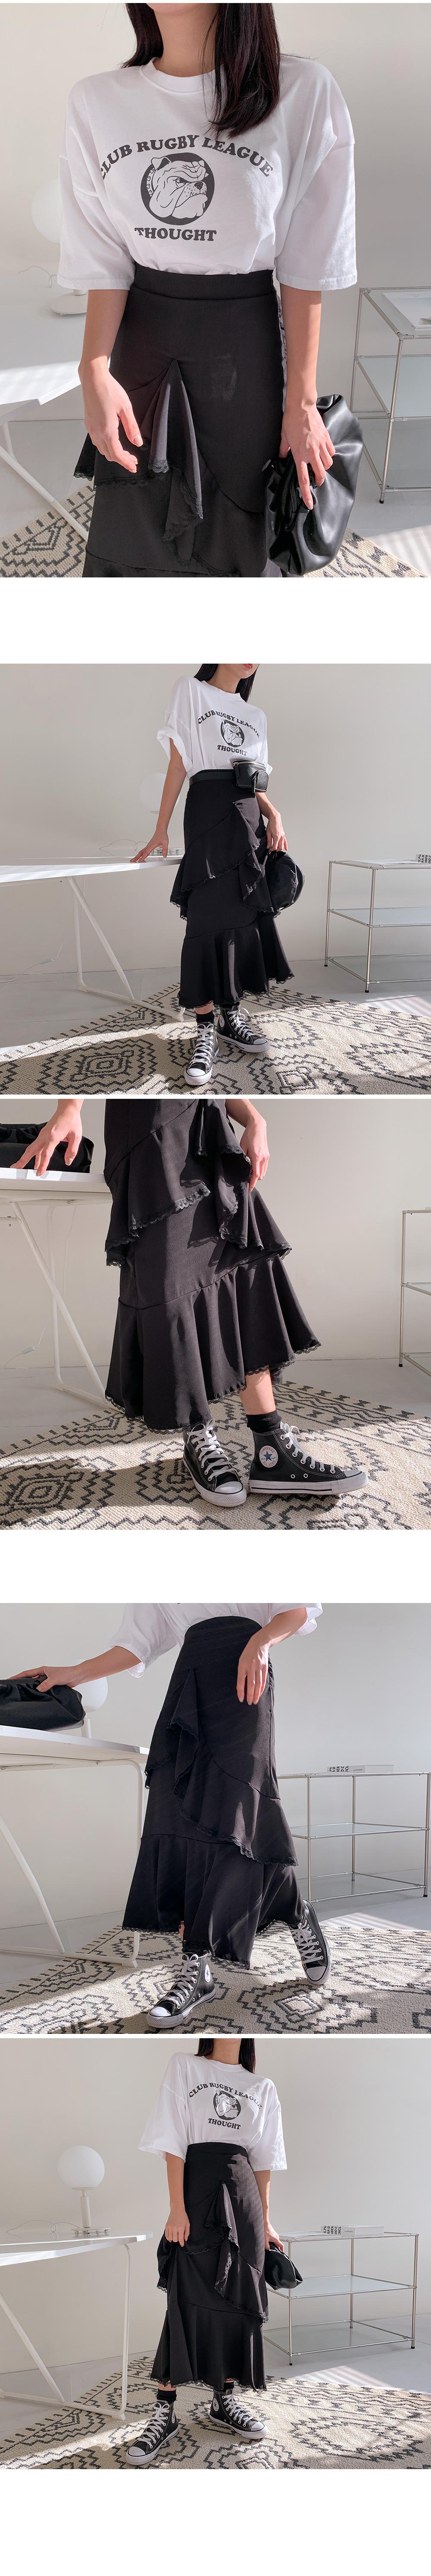 재킷 모델 착용 이미지-S2L4